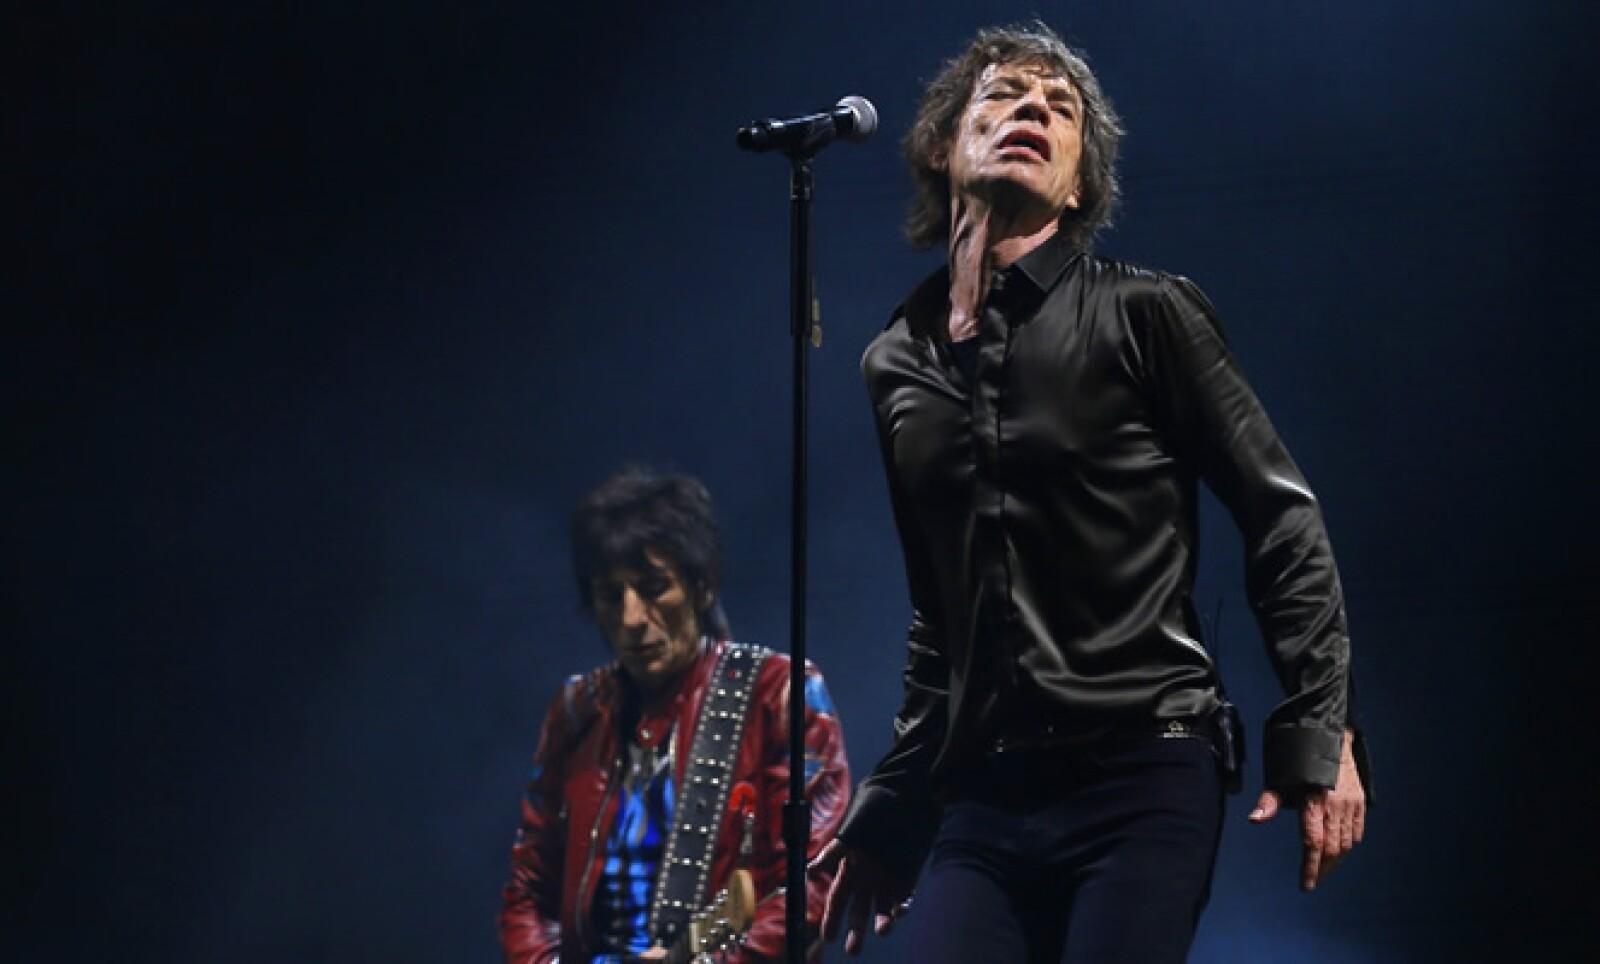 Este 26 de julio, Mick Jagger, vocalista de los Rolling Stones, cumple 70 años de edad. Aquí en su presentación en la última edición del festival Glastonbury.